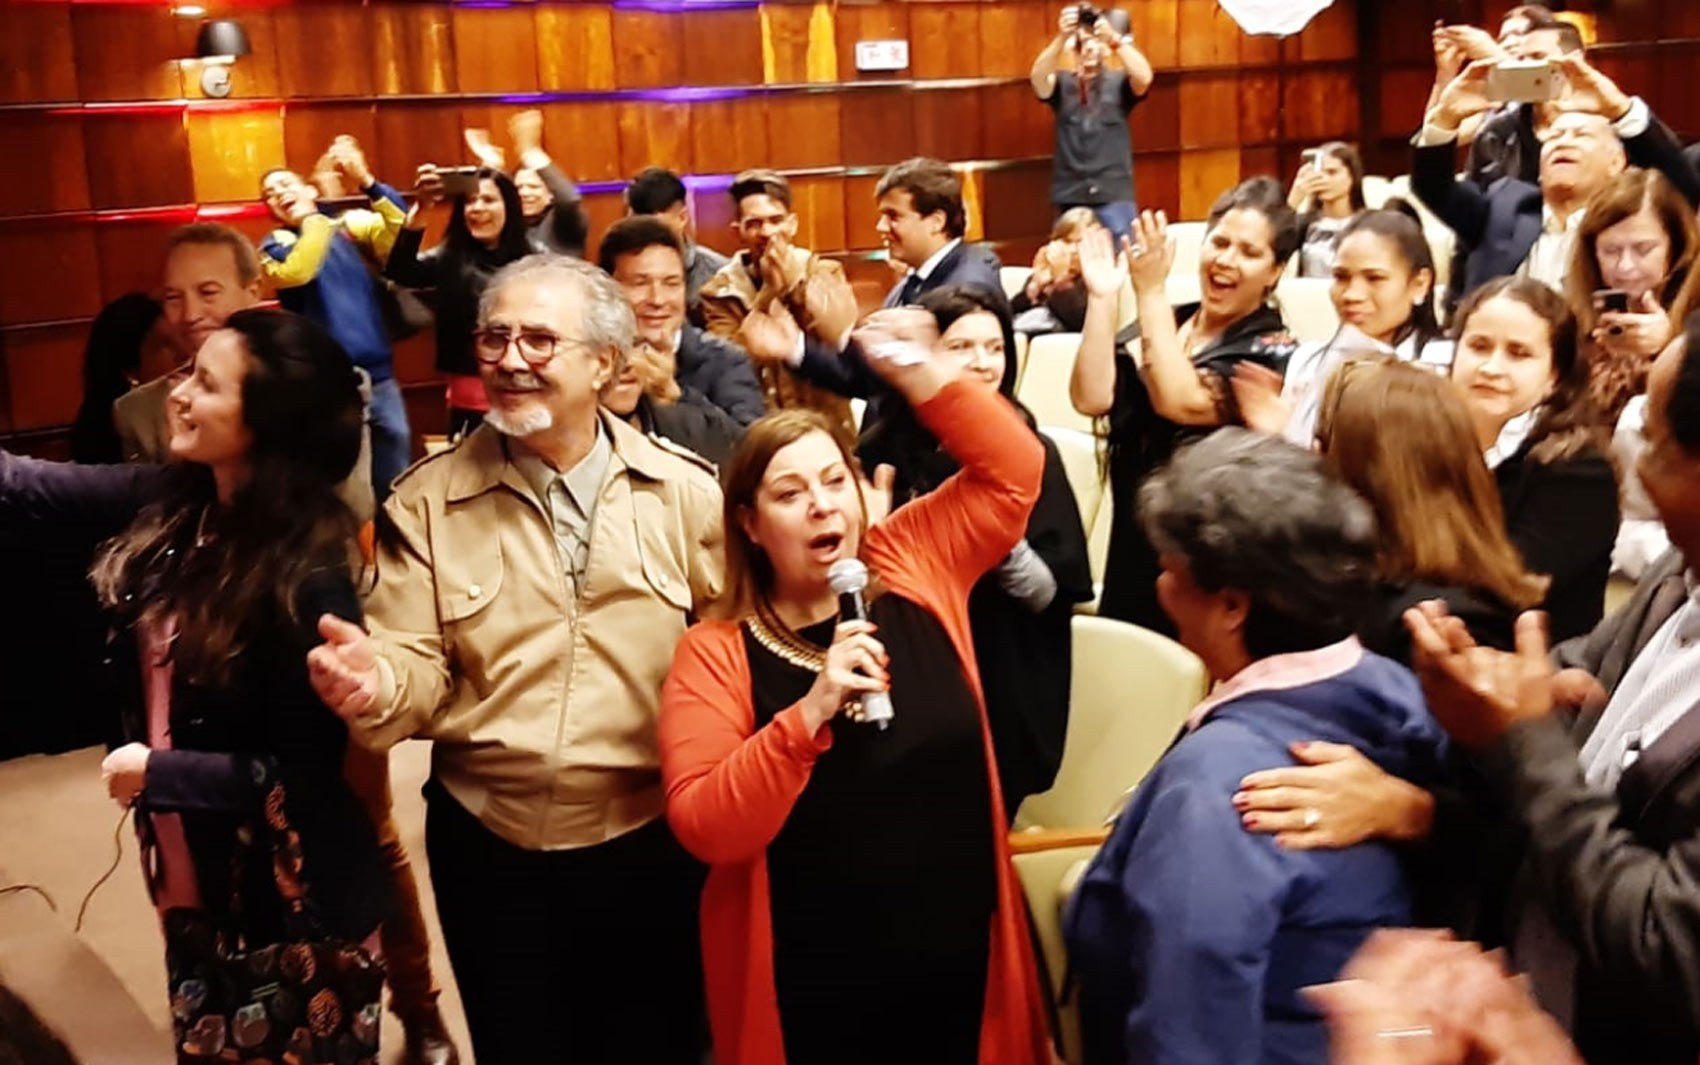 Representante de Guaidó diz que petróleo na costa brasileira pode ter vazado de navio que tentou burlar sanções a Maduro - Notícias - Plantão Diário